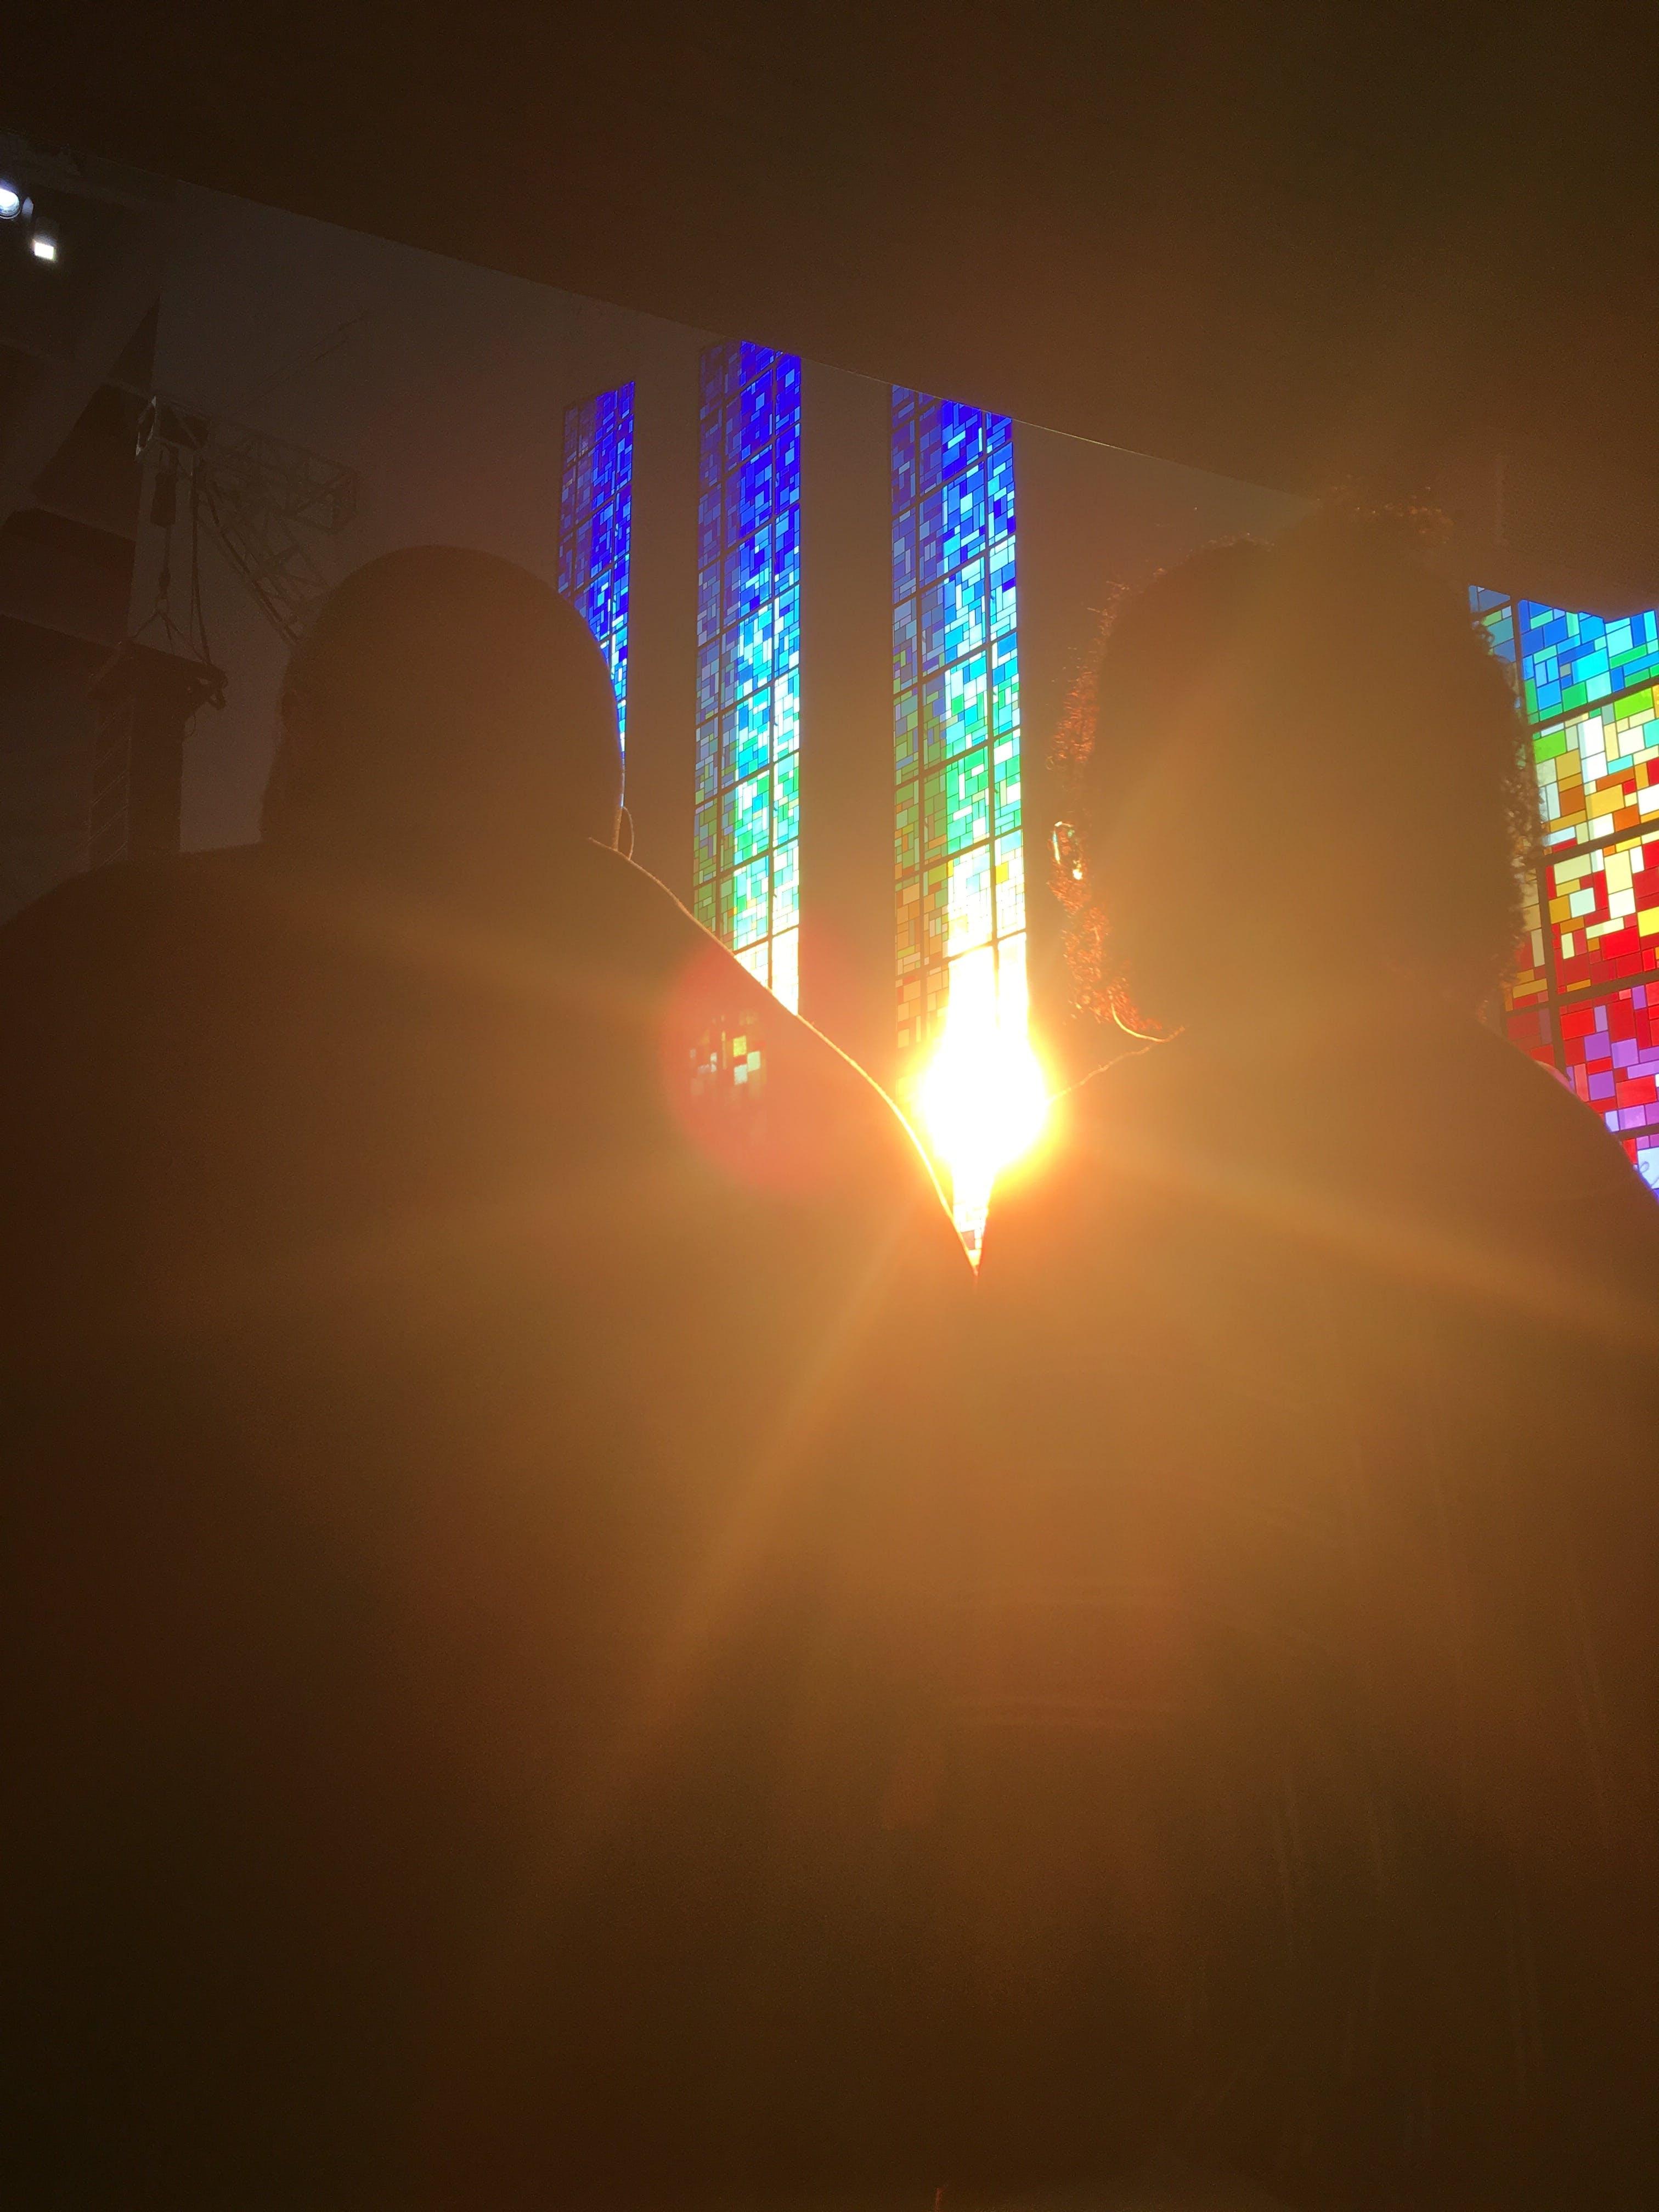 Darmowe zdjęcie z galerii z podświetlenie, saindo, słońce, tło